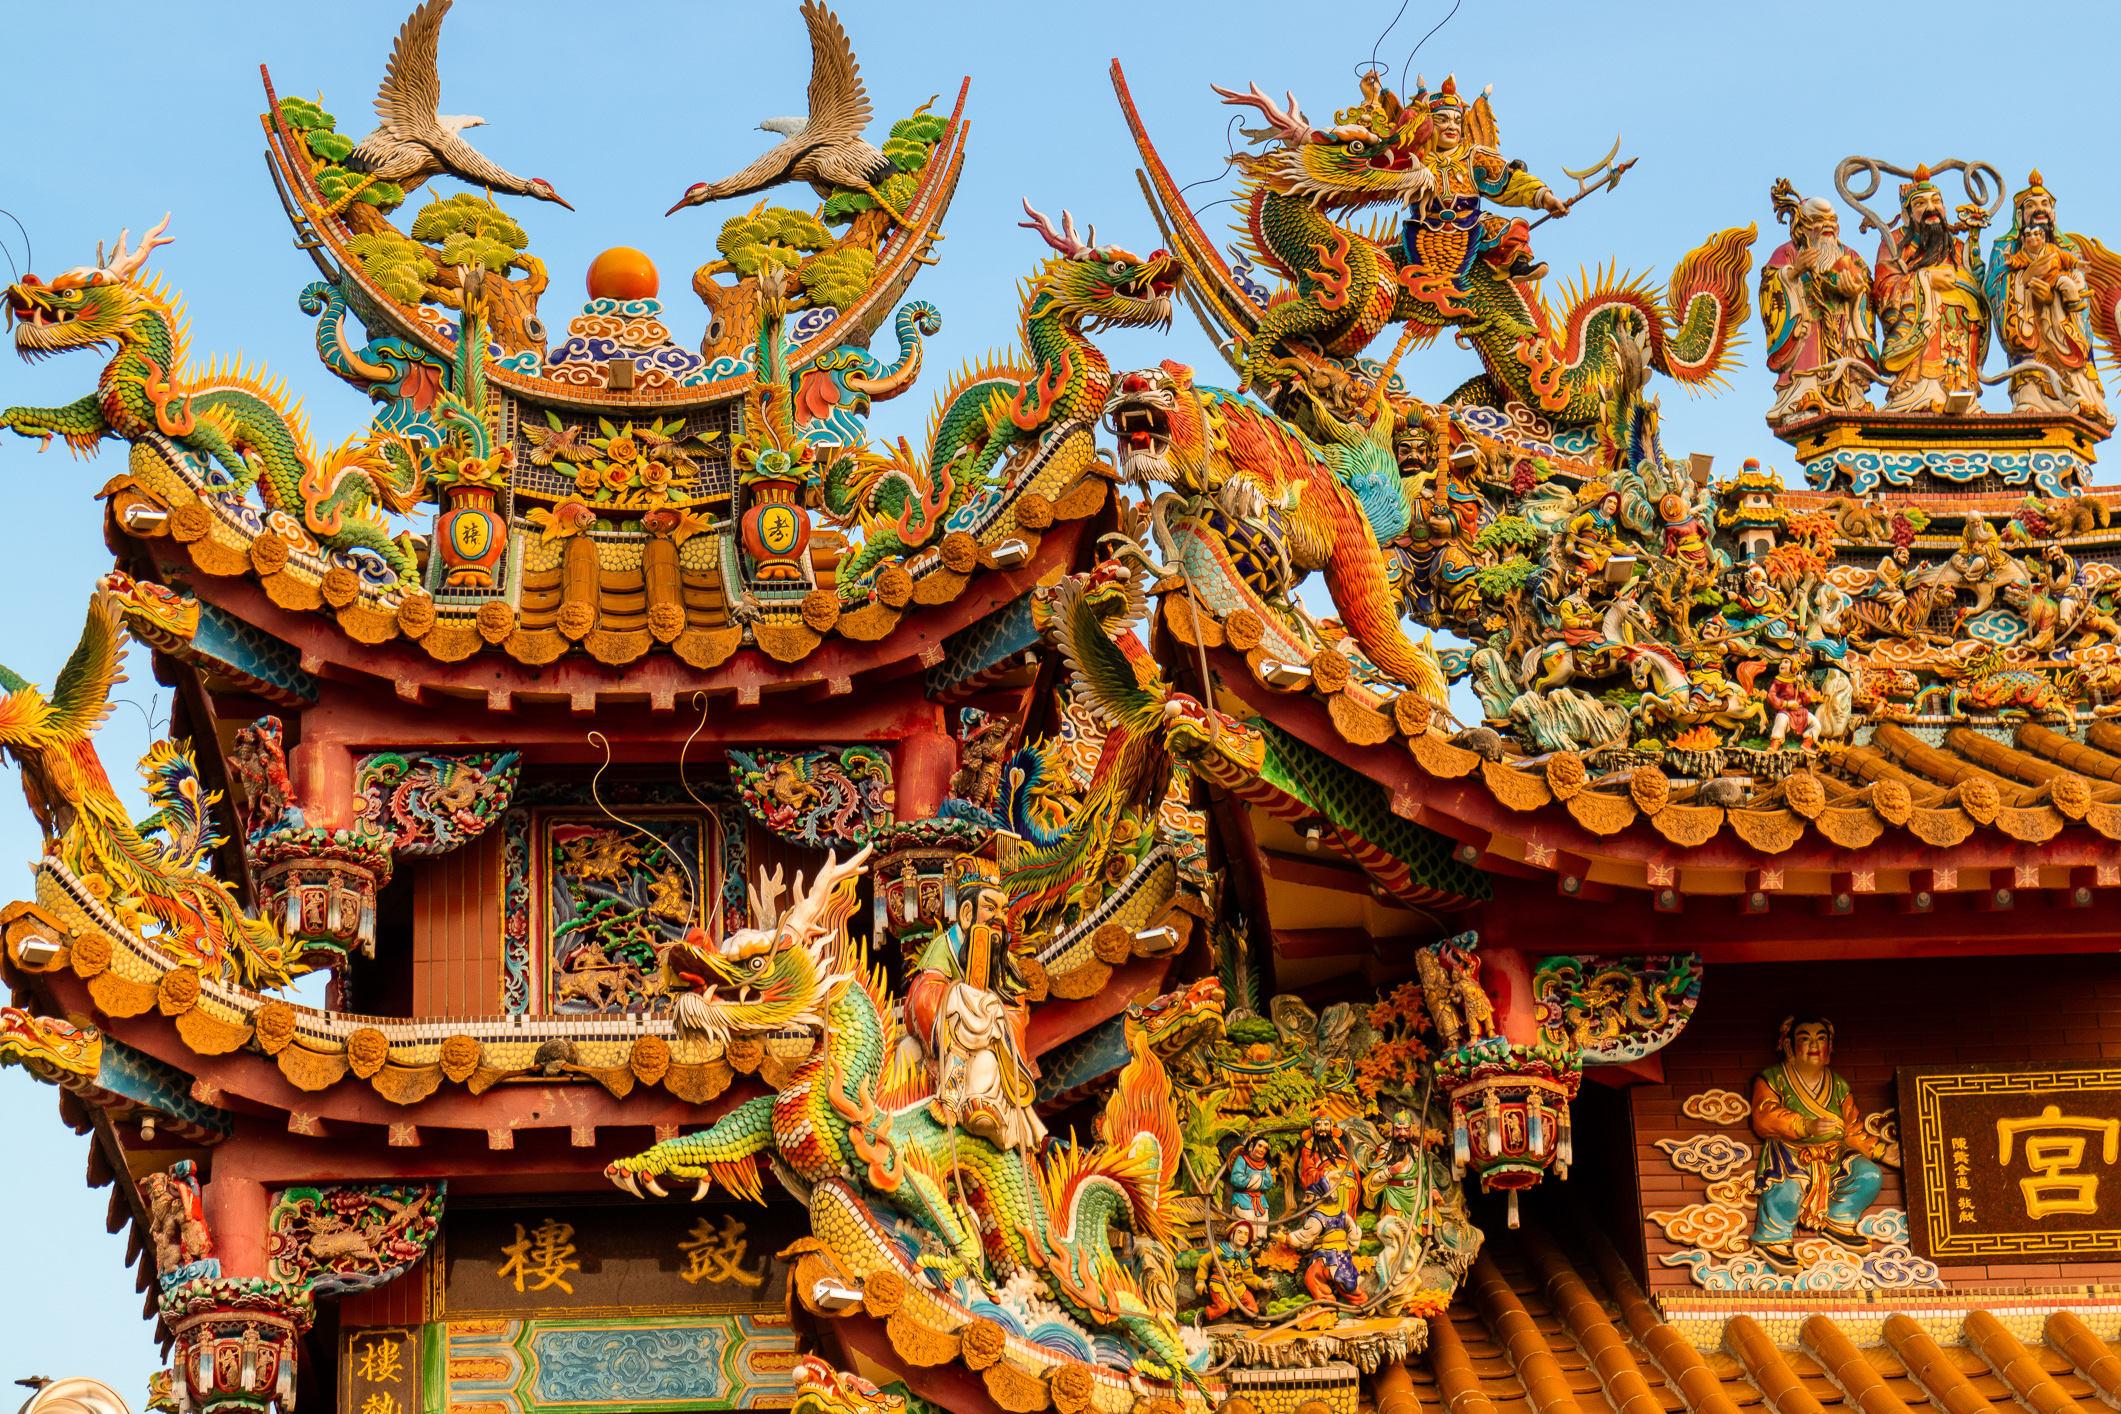 Die zahlreichen Tempel beeindrucken mit dekorativen Holzschnitzereien.